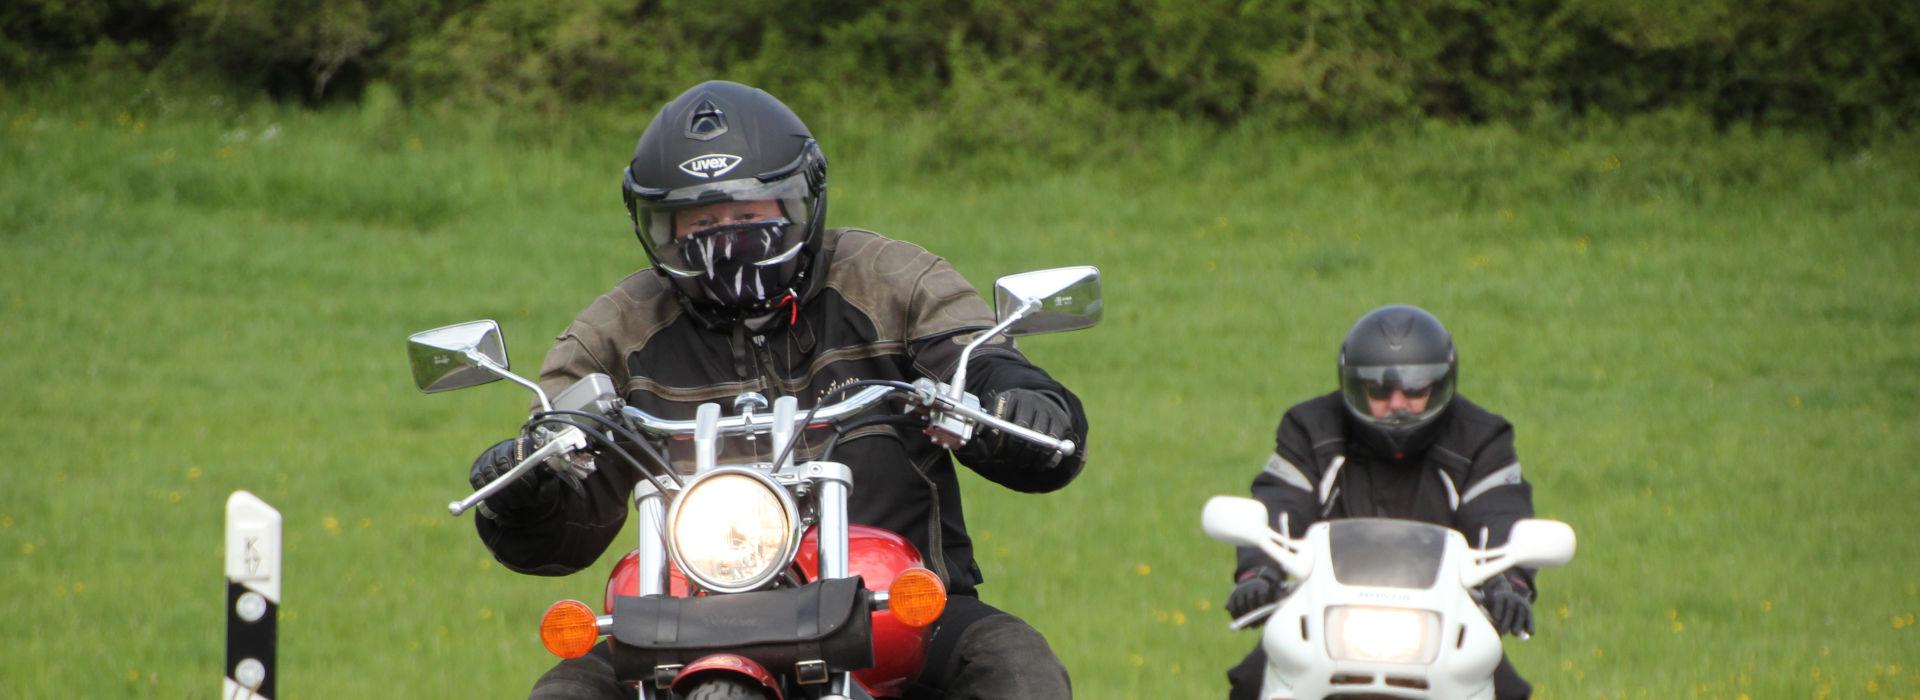 Motorrijbewijspoint Oud Beijerland motorrijlessen